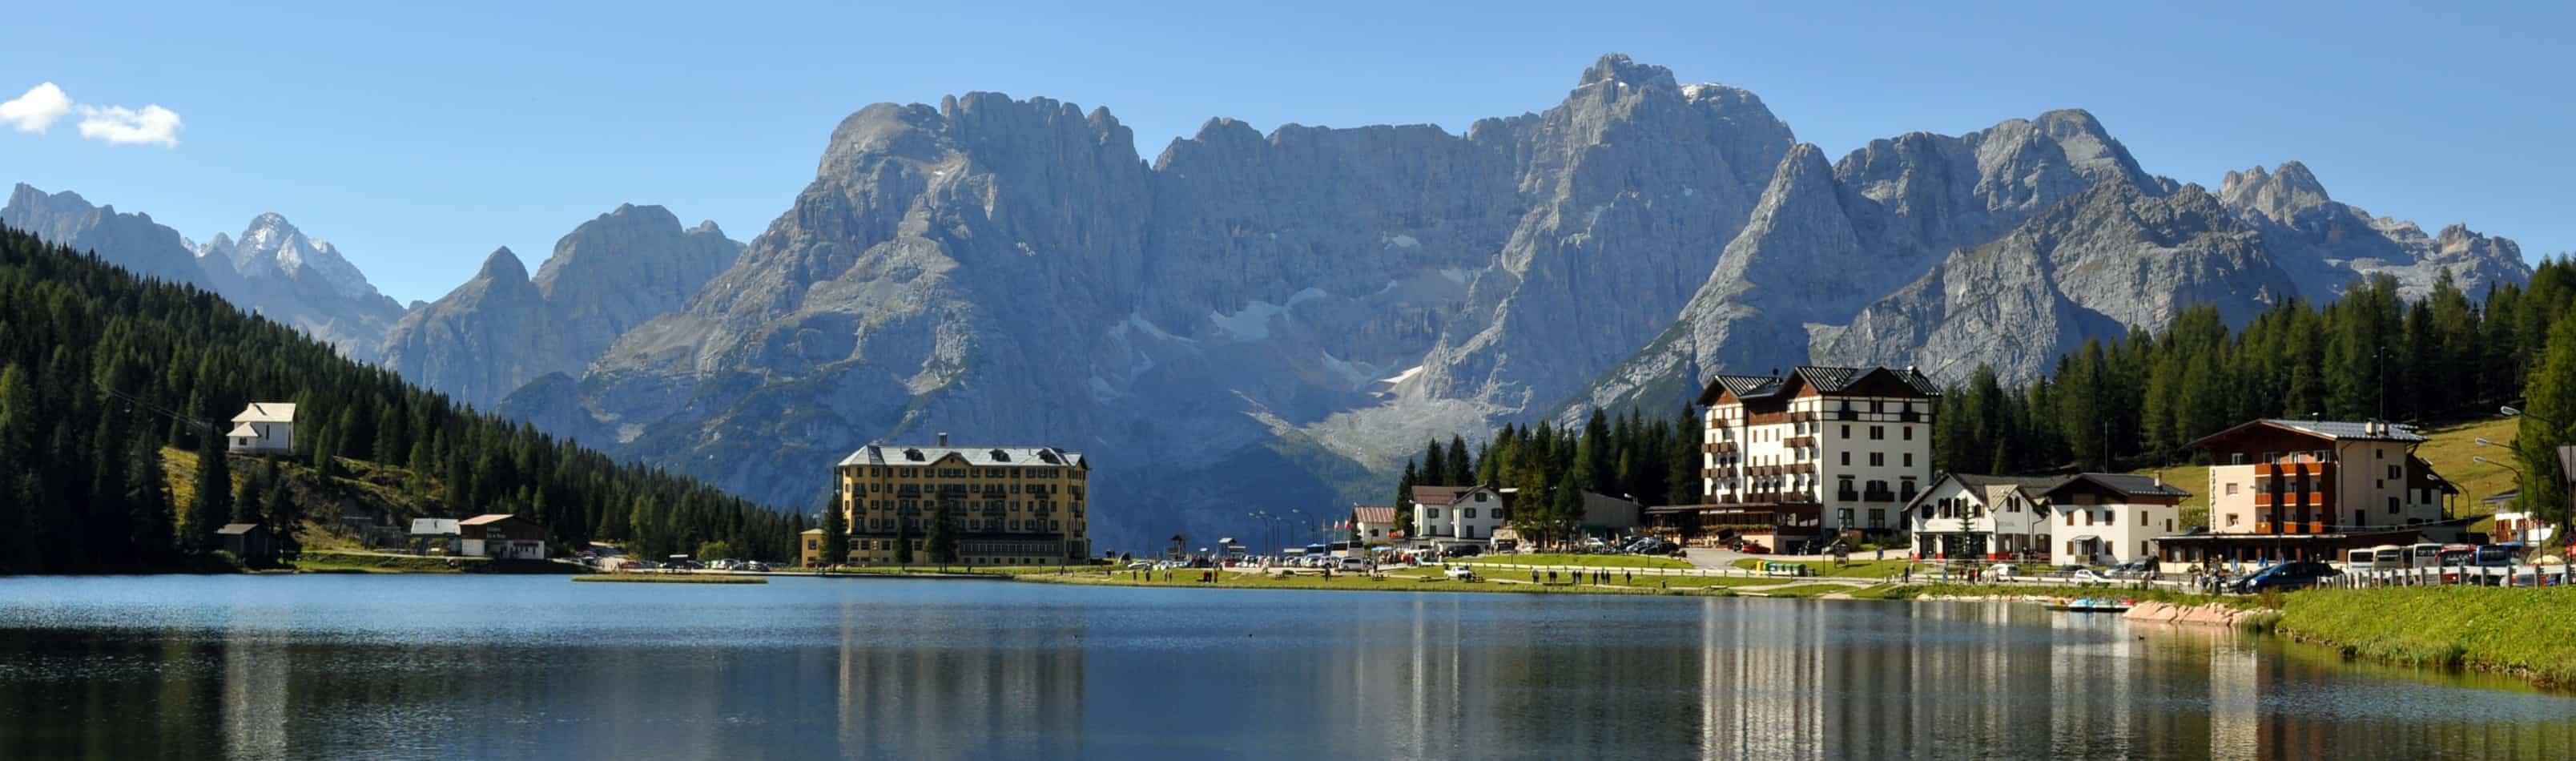 Cosa vedere in Veneto? Lago di Misurina nelle Dolomiti Bellunesi!